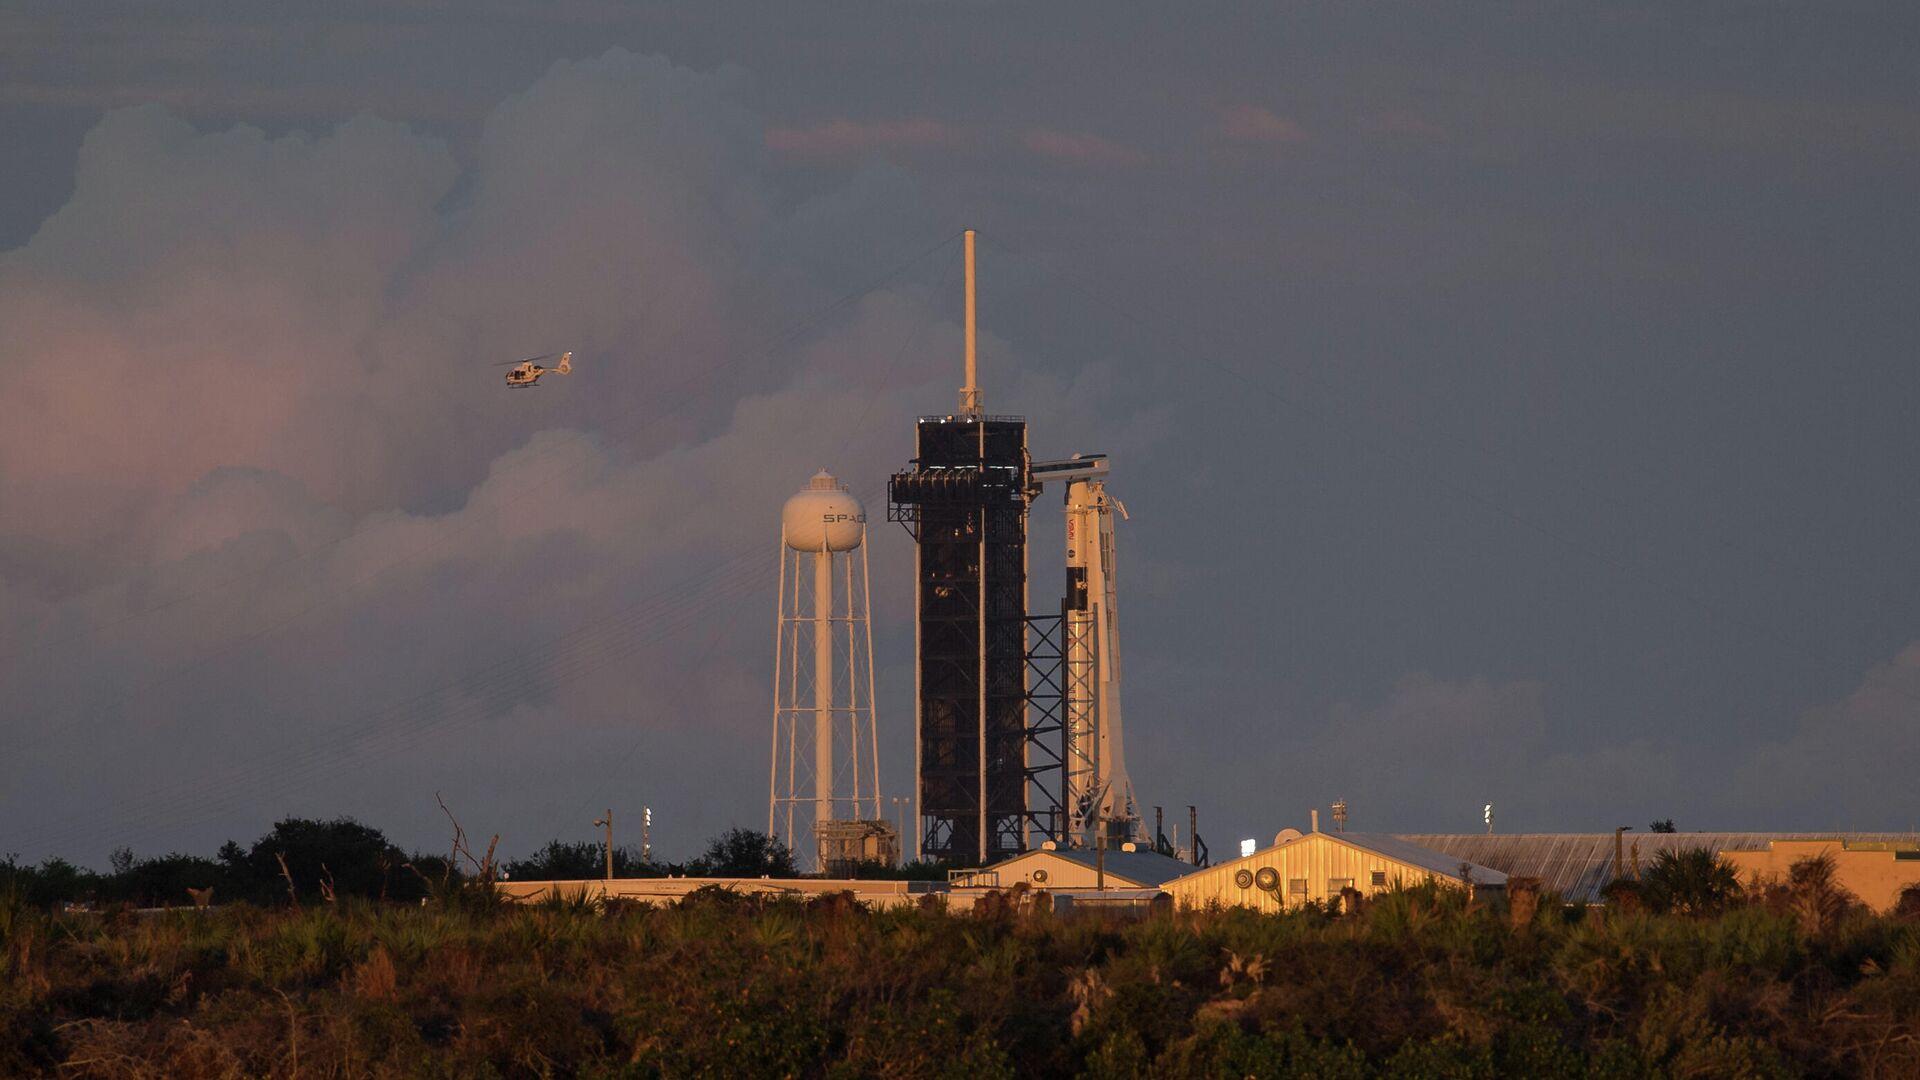 Подготовка к запуску к МКС ракеты Falcon 9 с кораблем Crew Dragon на космодроме Космического центра им. Дж. Ф. Кеннеди - РИА Новости, 1920, 09.12.2020